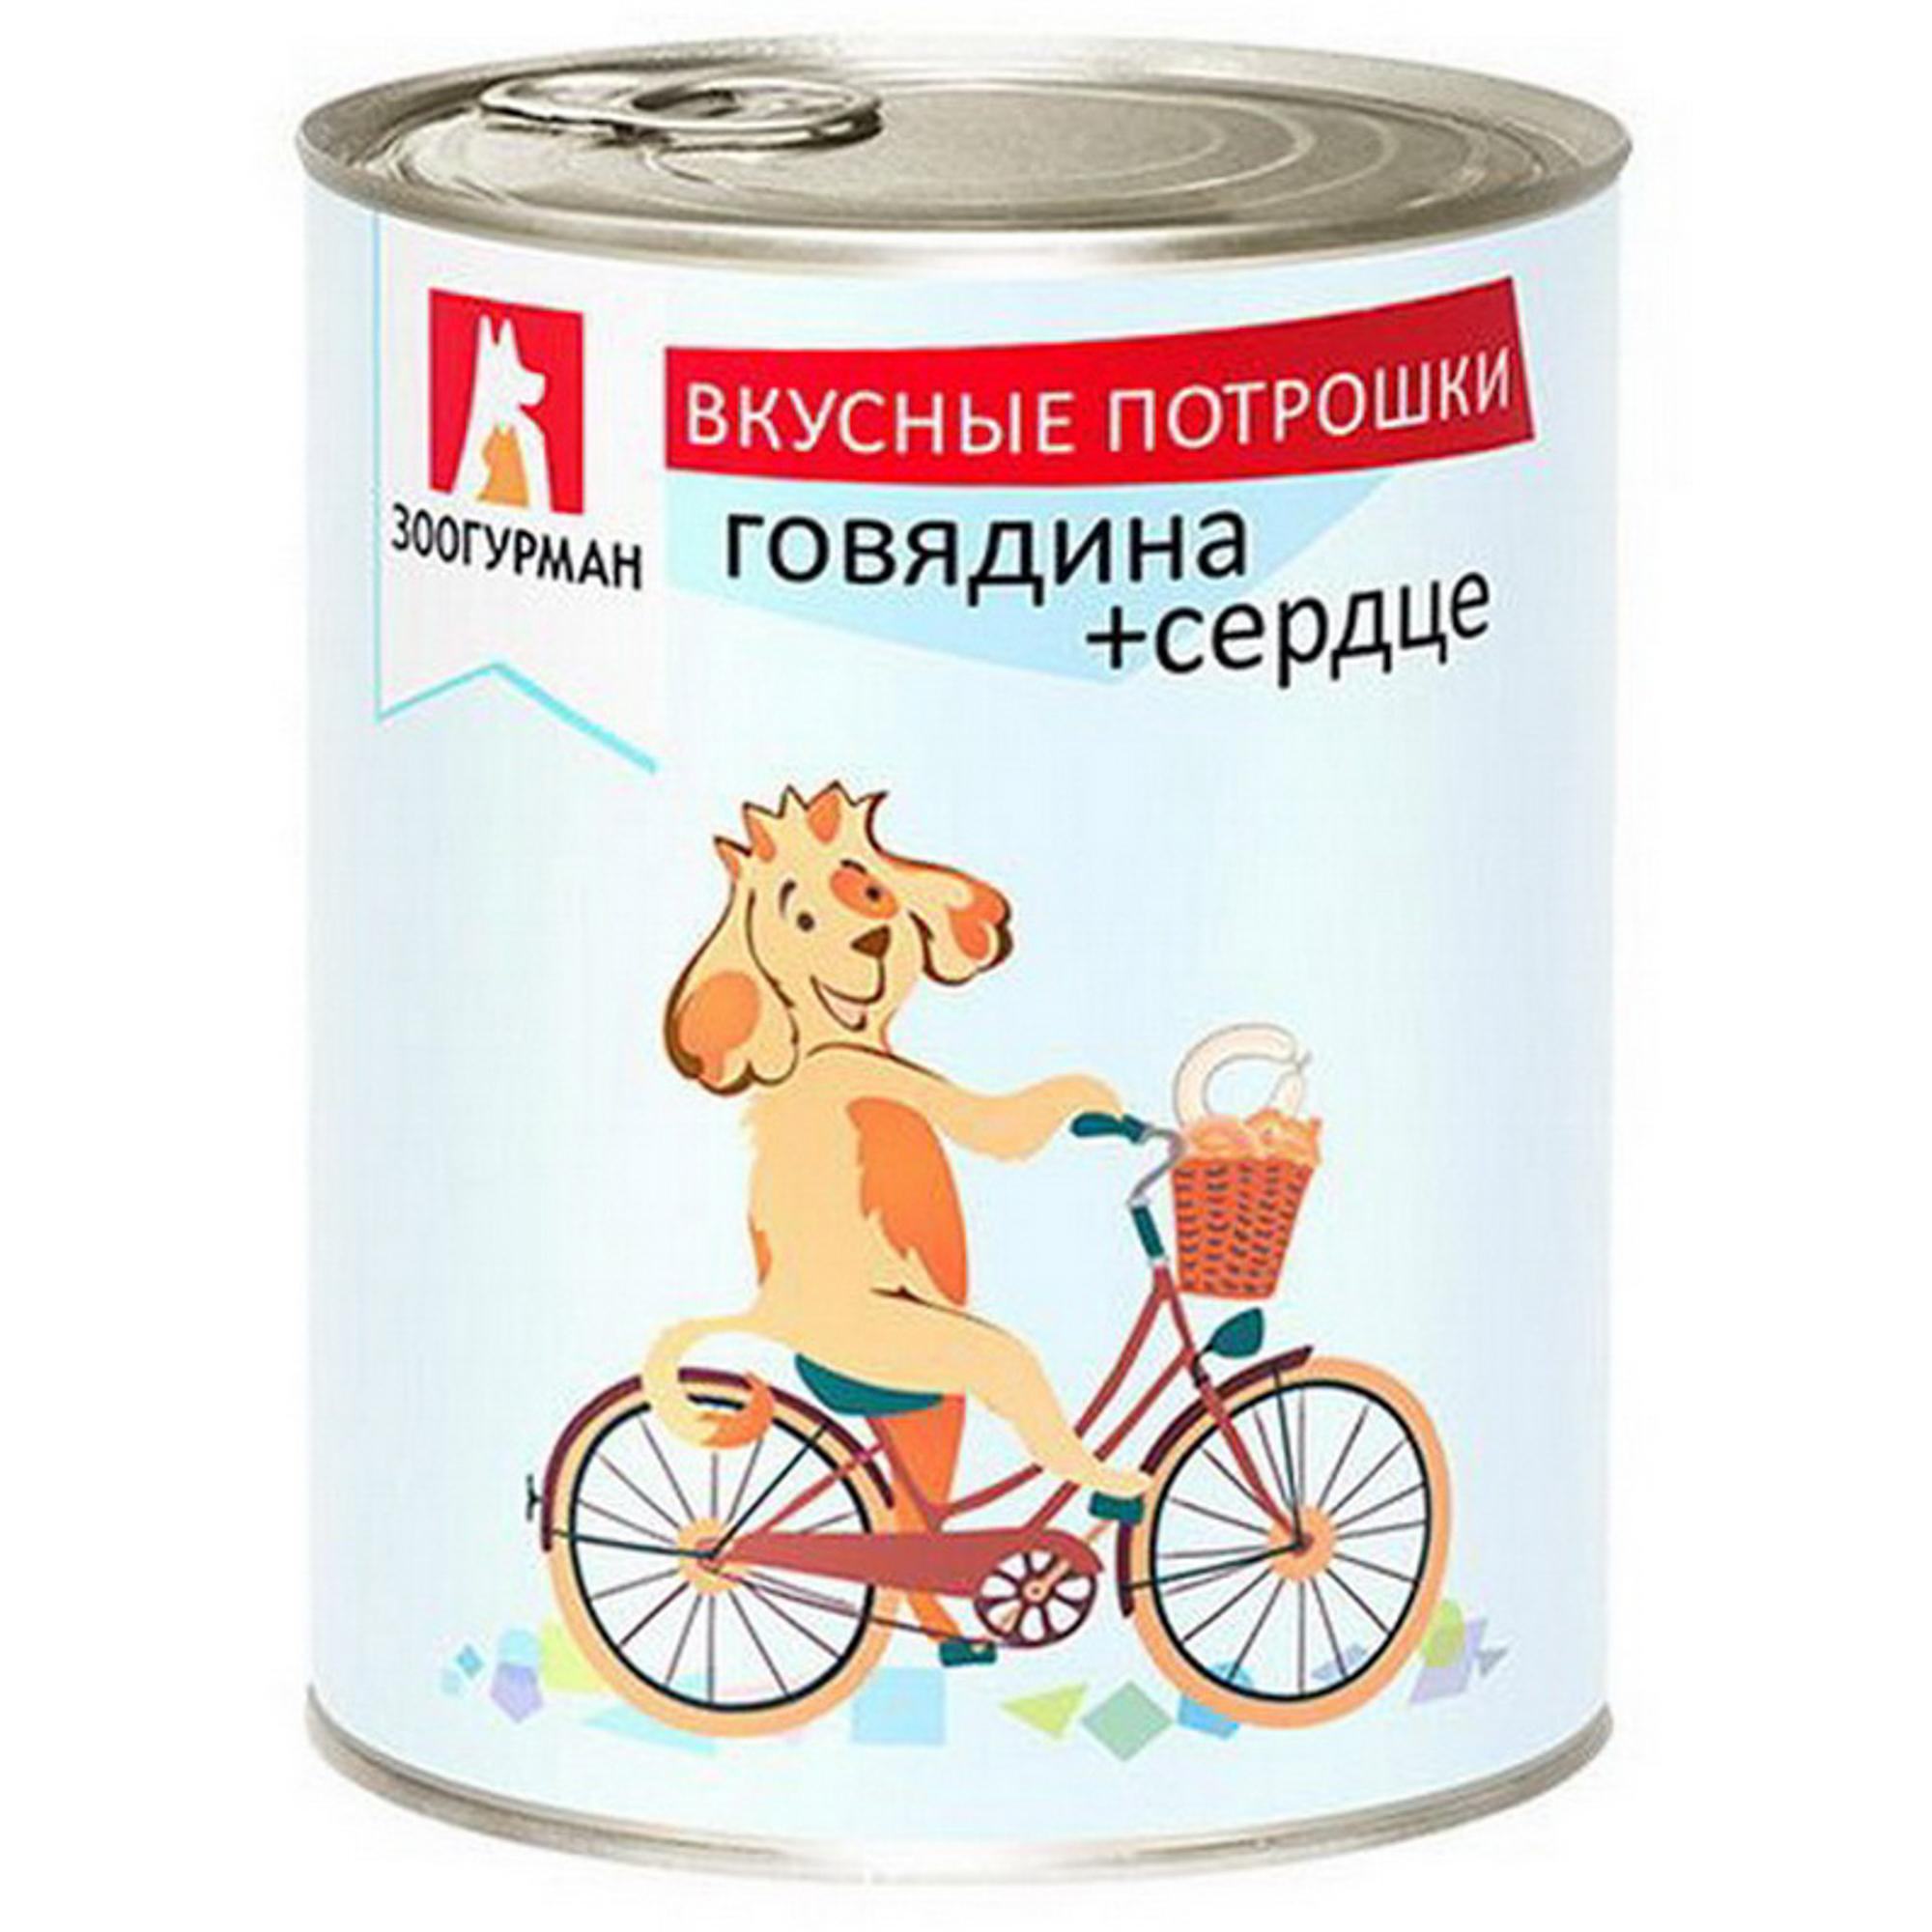 Корм для собак ЗООГУРМАН Вкусные потрошки говядина сердце 750 г.